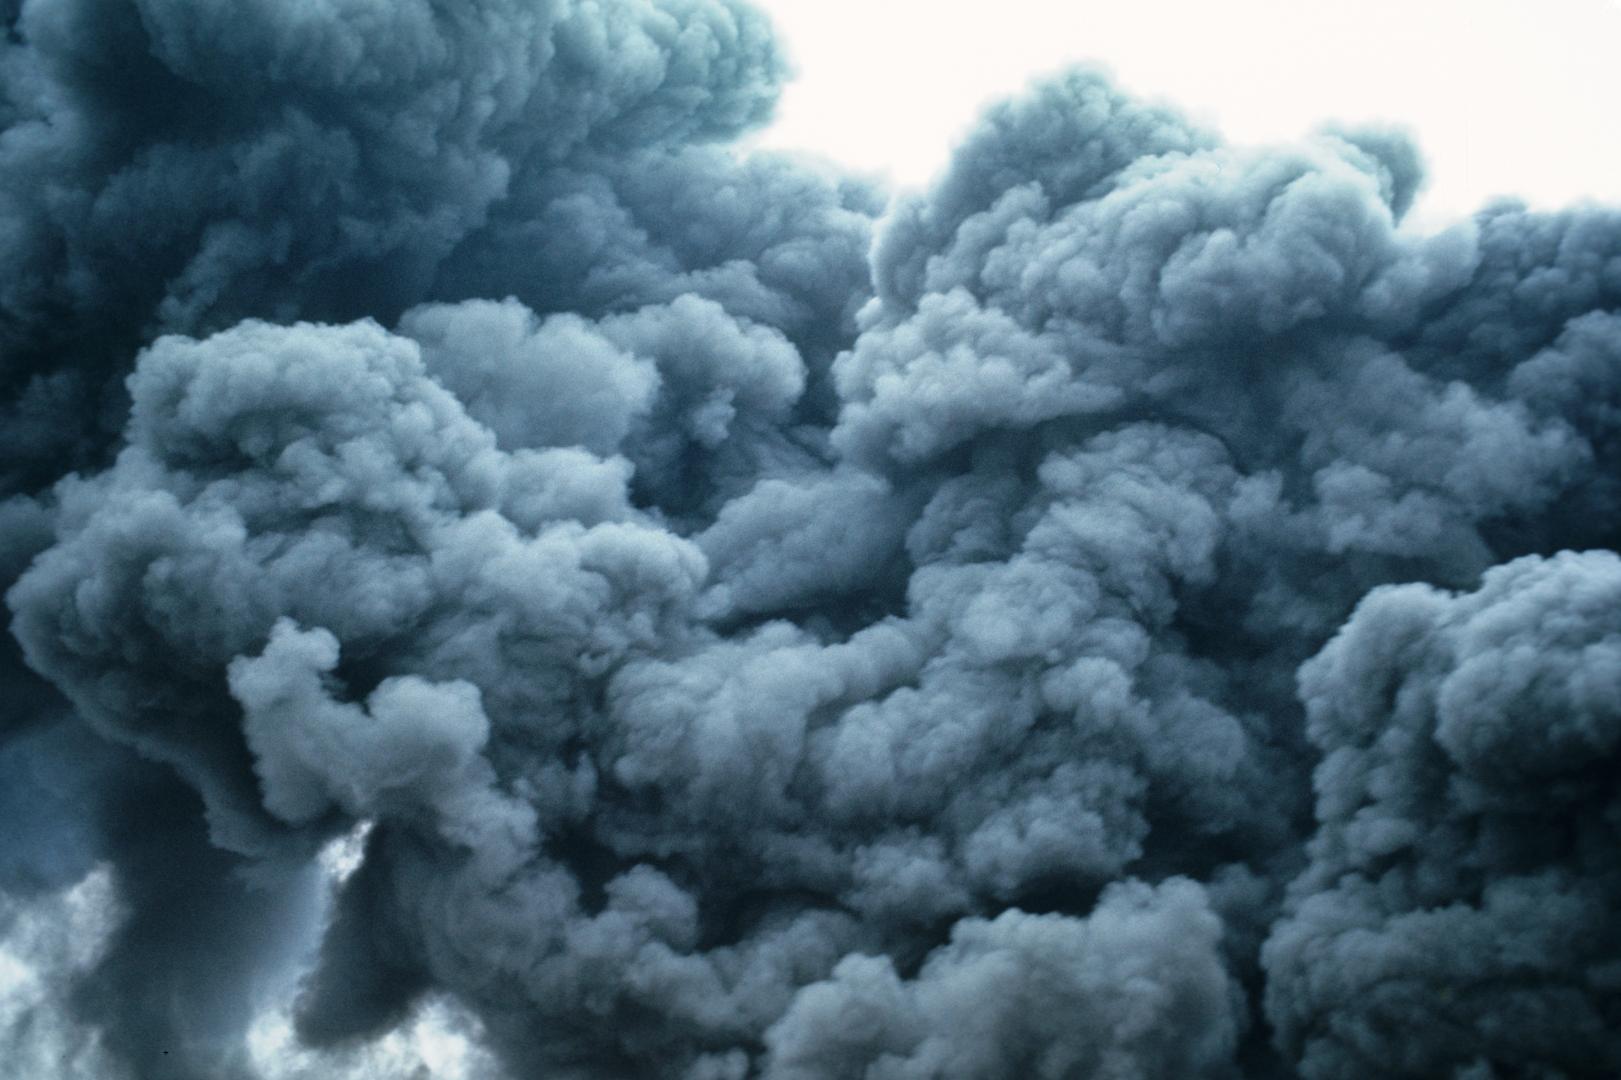 В Евпатории горит мусорный полигон, город накрыло дымом